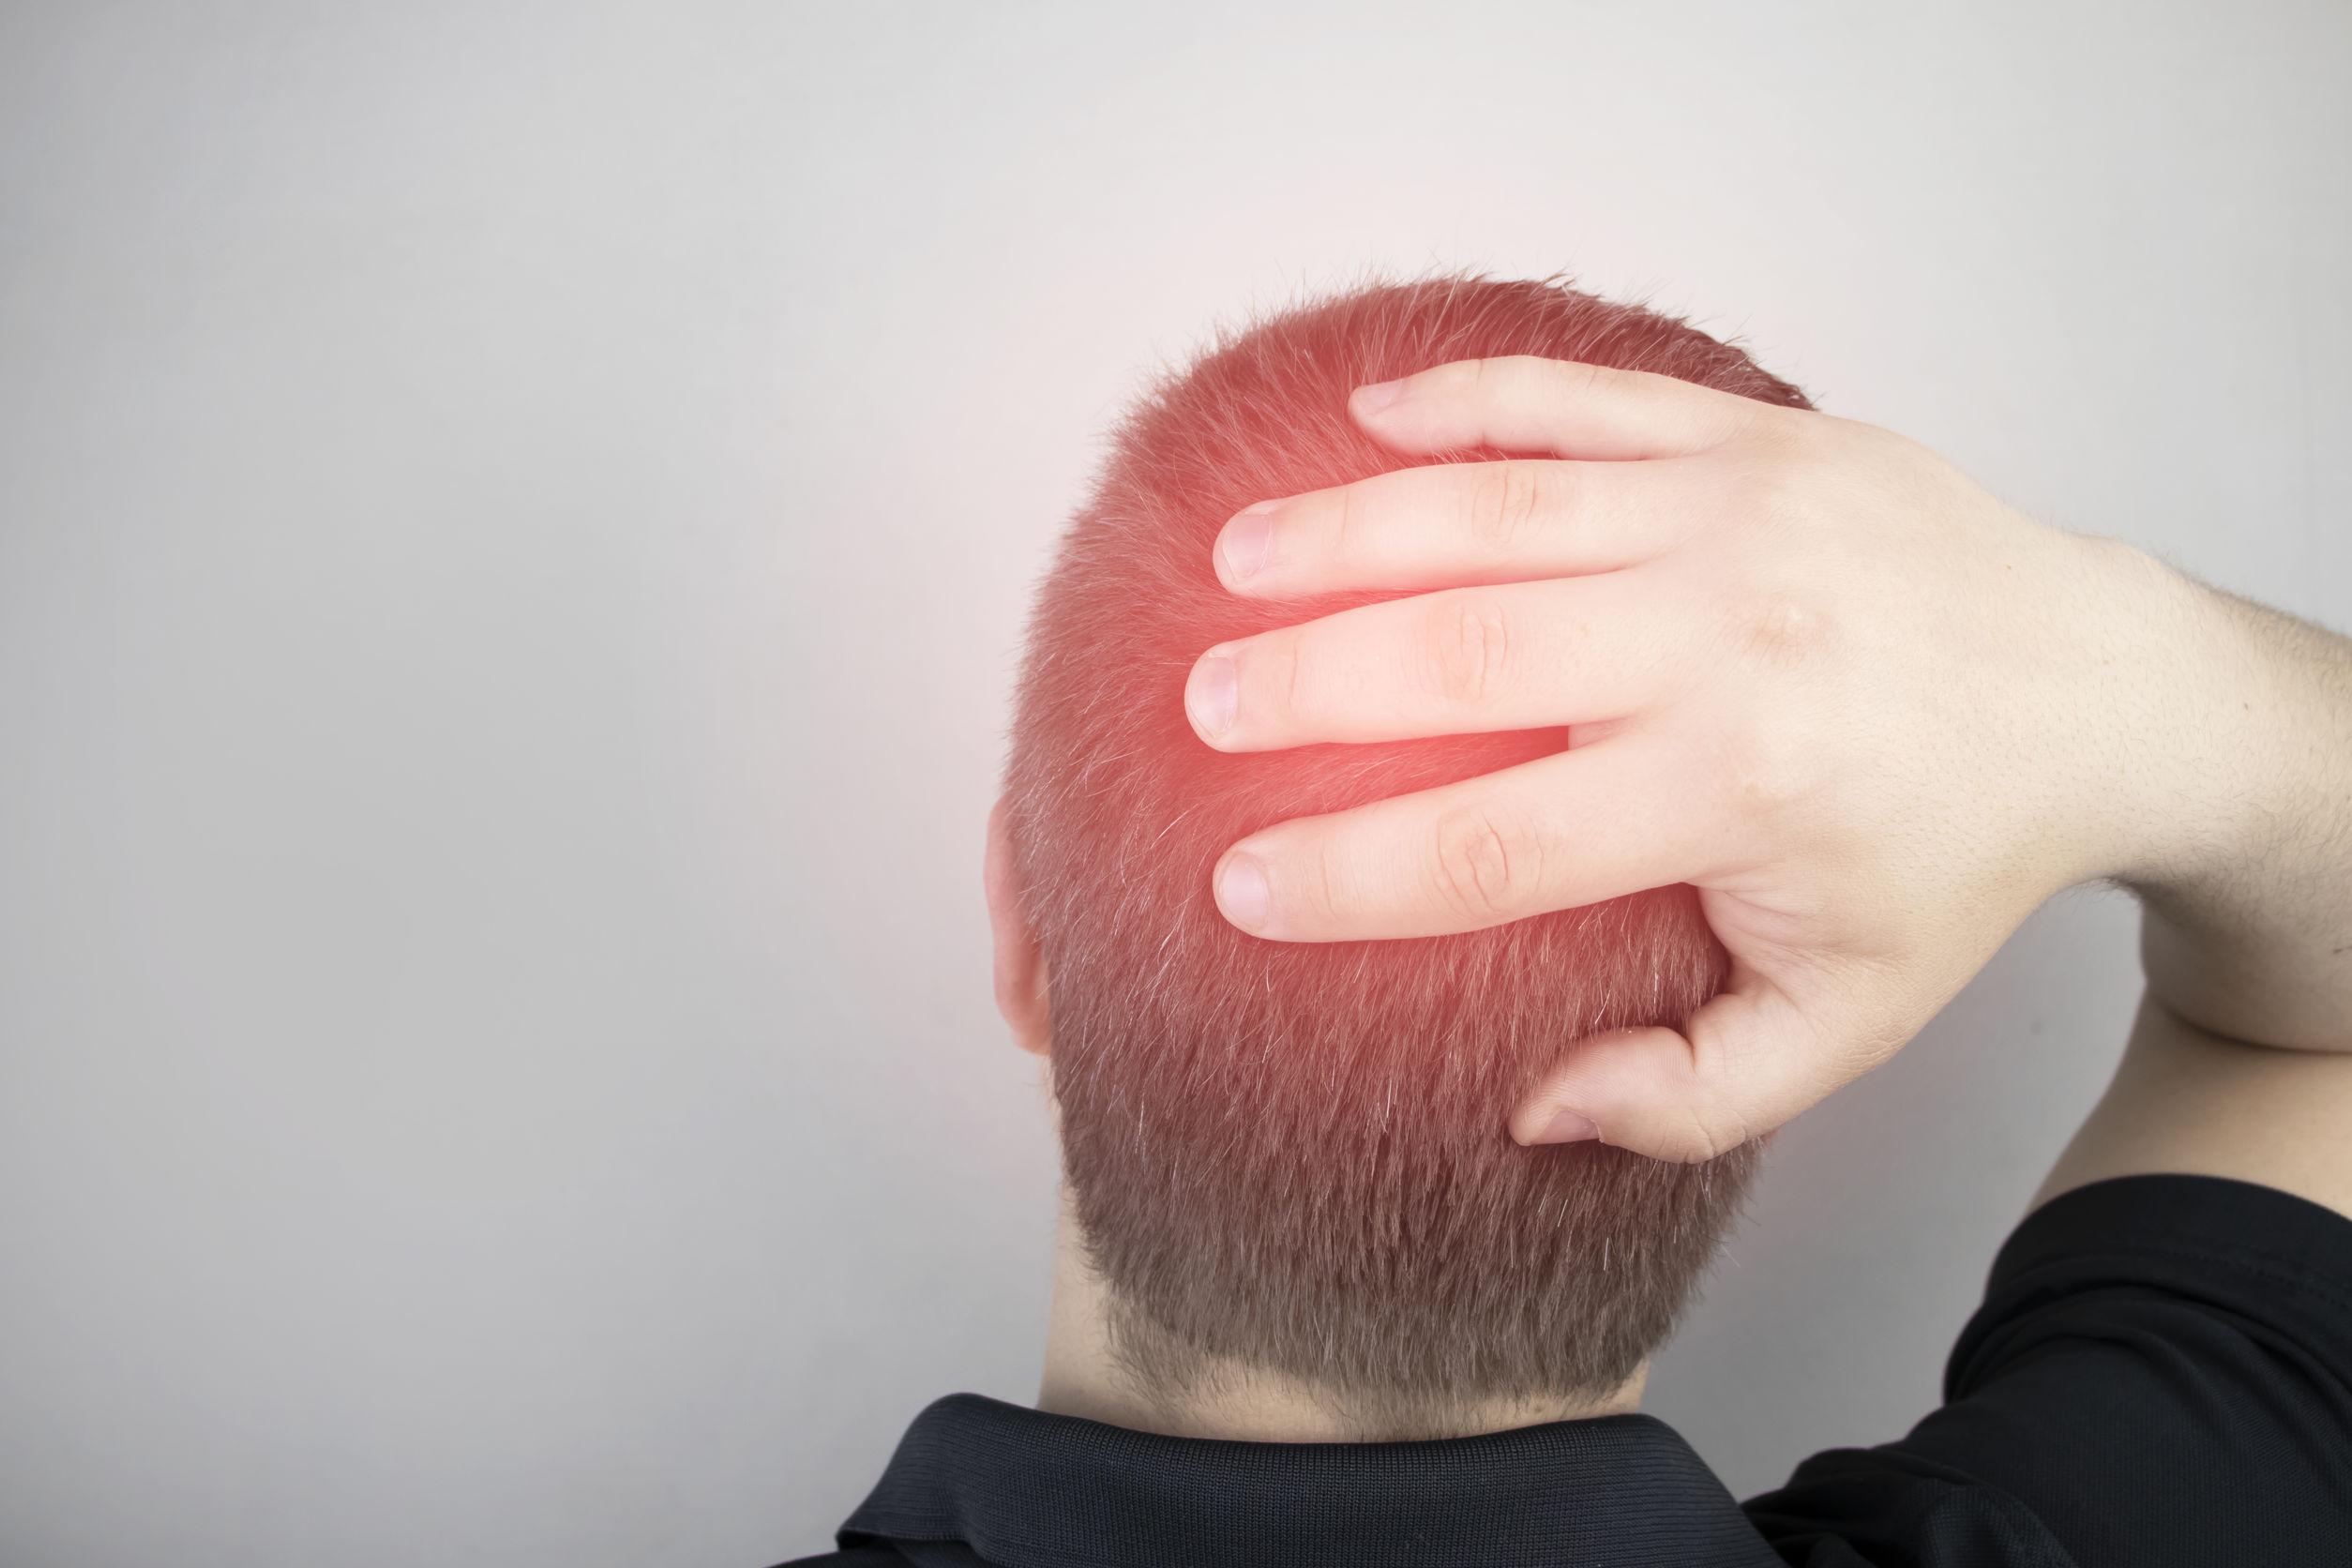 כאבי ראש אחוריים (אוקסיפיטליים) – טיפול עם דיקור סיני מרידיאני